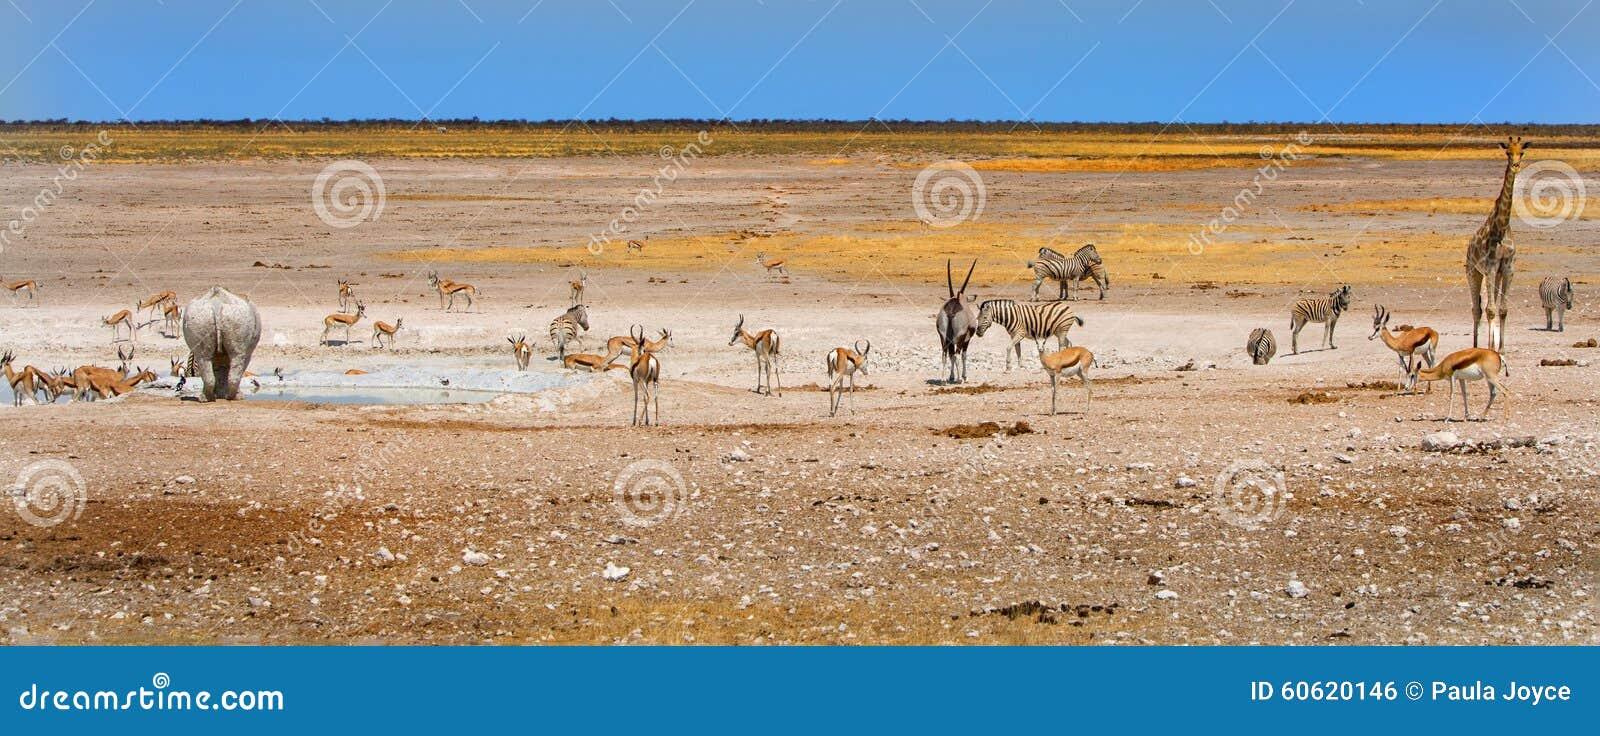 Uma variedade de animais em torno de um waterhole no parque nacional de Etosha